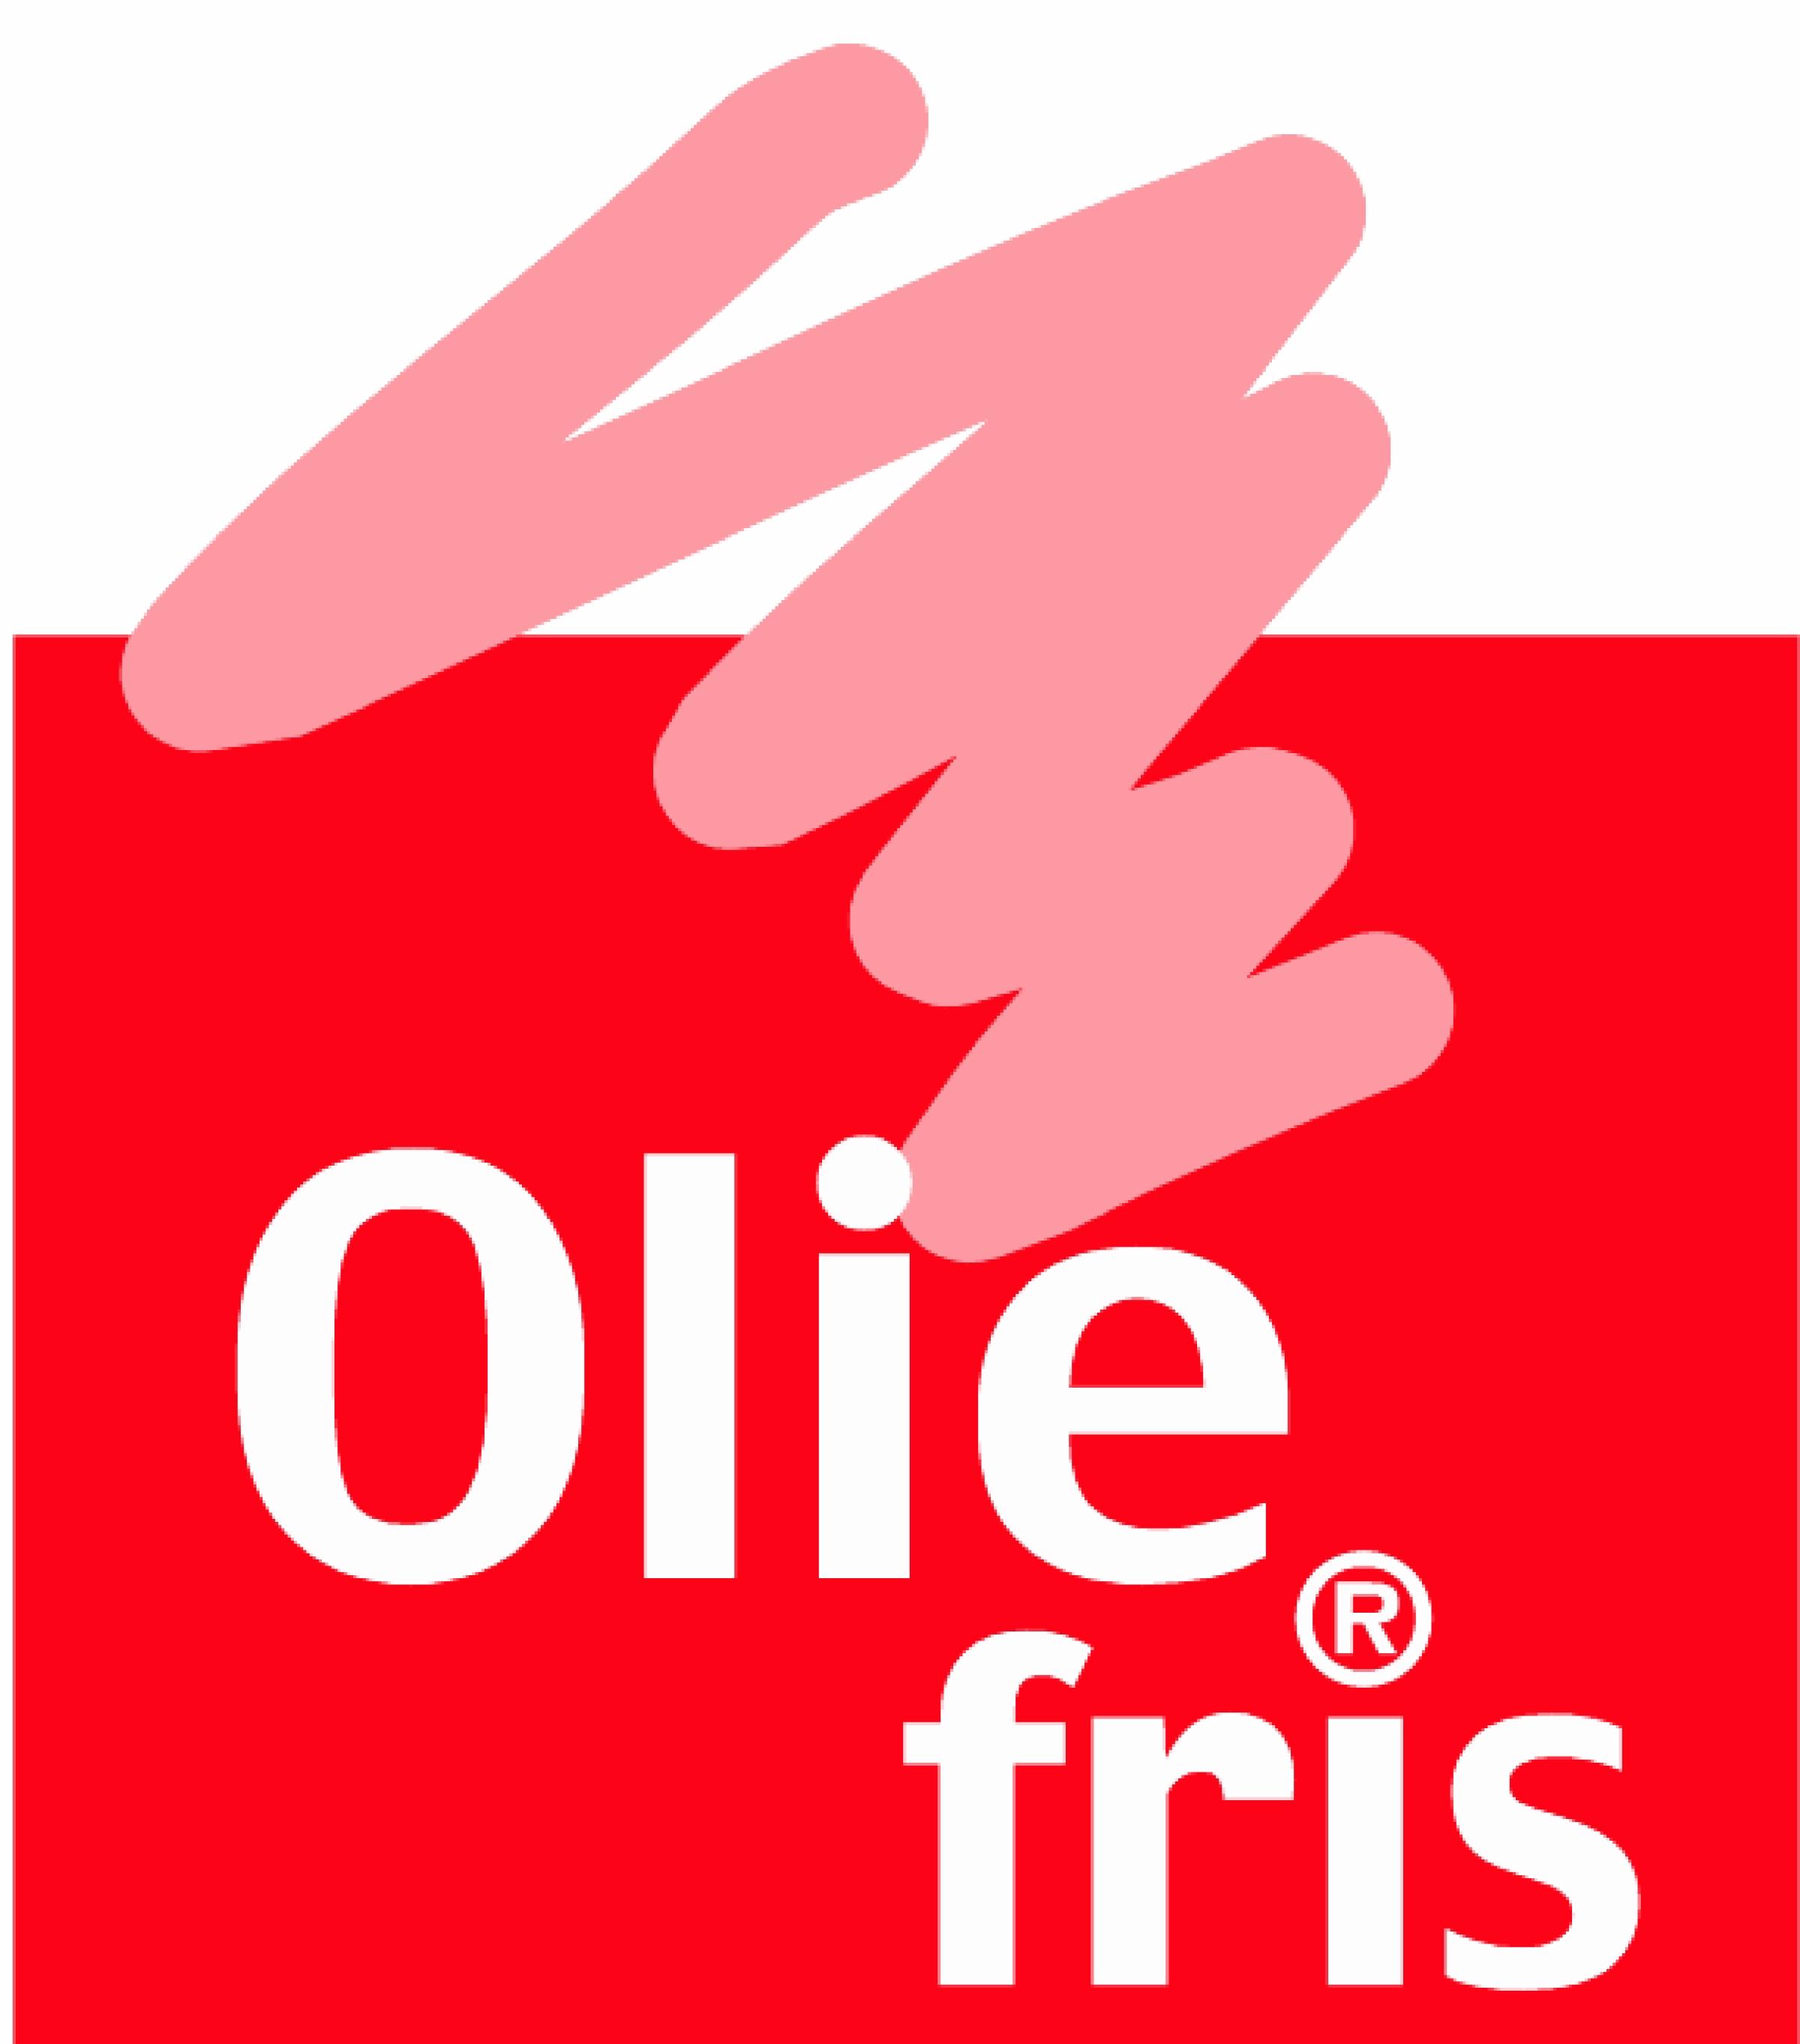 Oliefris